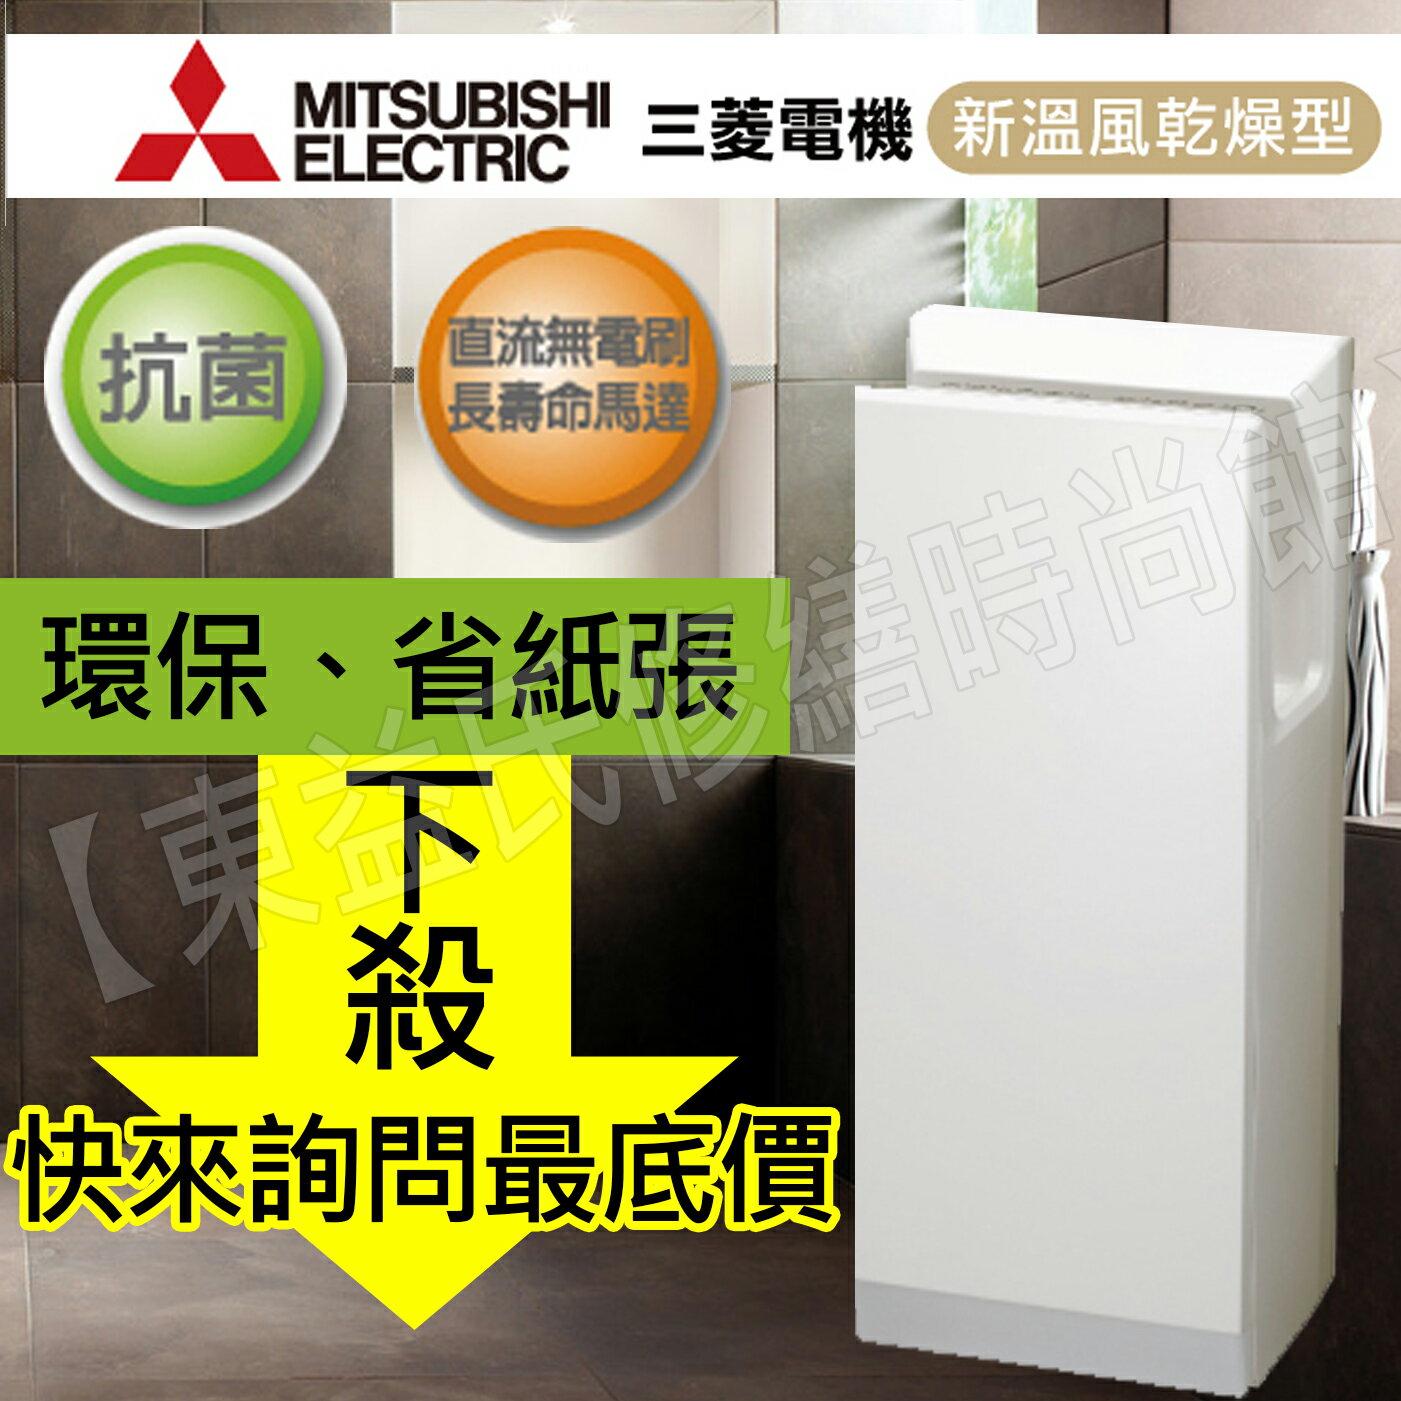 JT-SB116JH-W 新溫風噴射乾手機/烘手機 白色 三菱 節省紙張 另售220V【東益氏】另售 衛浴配件 飲水機